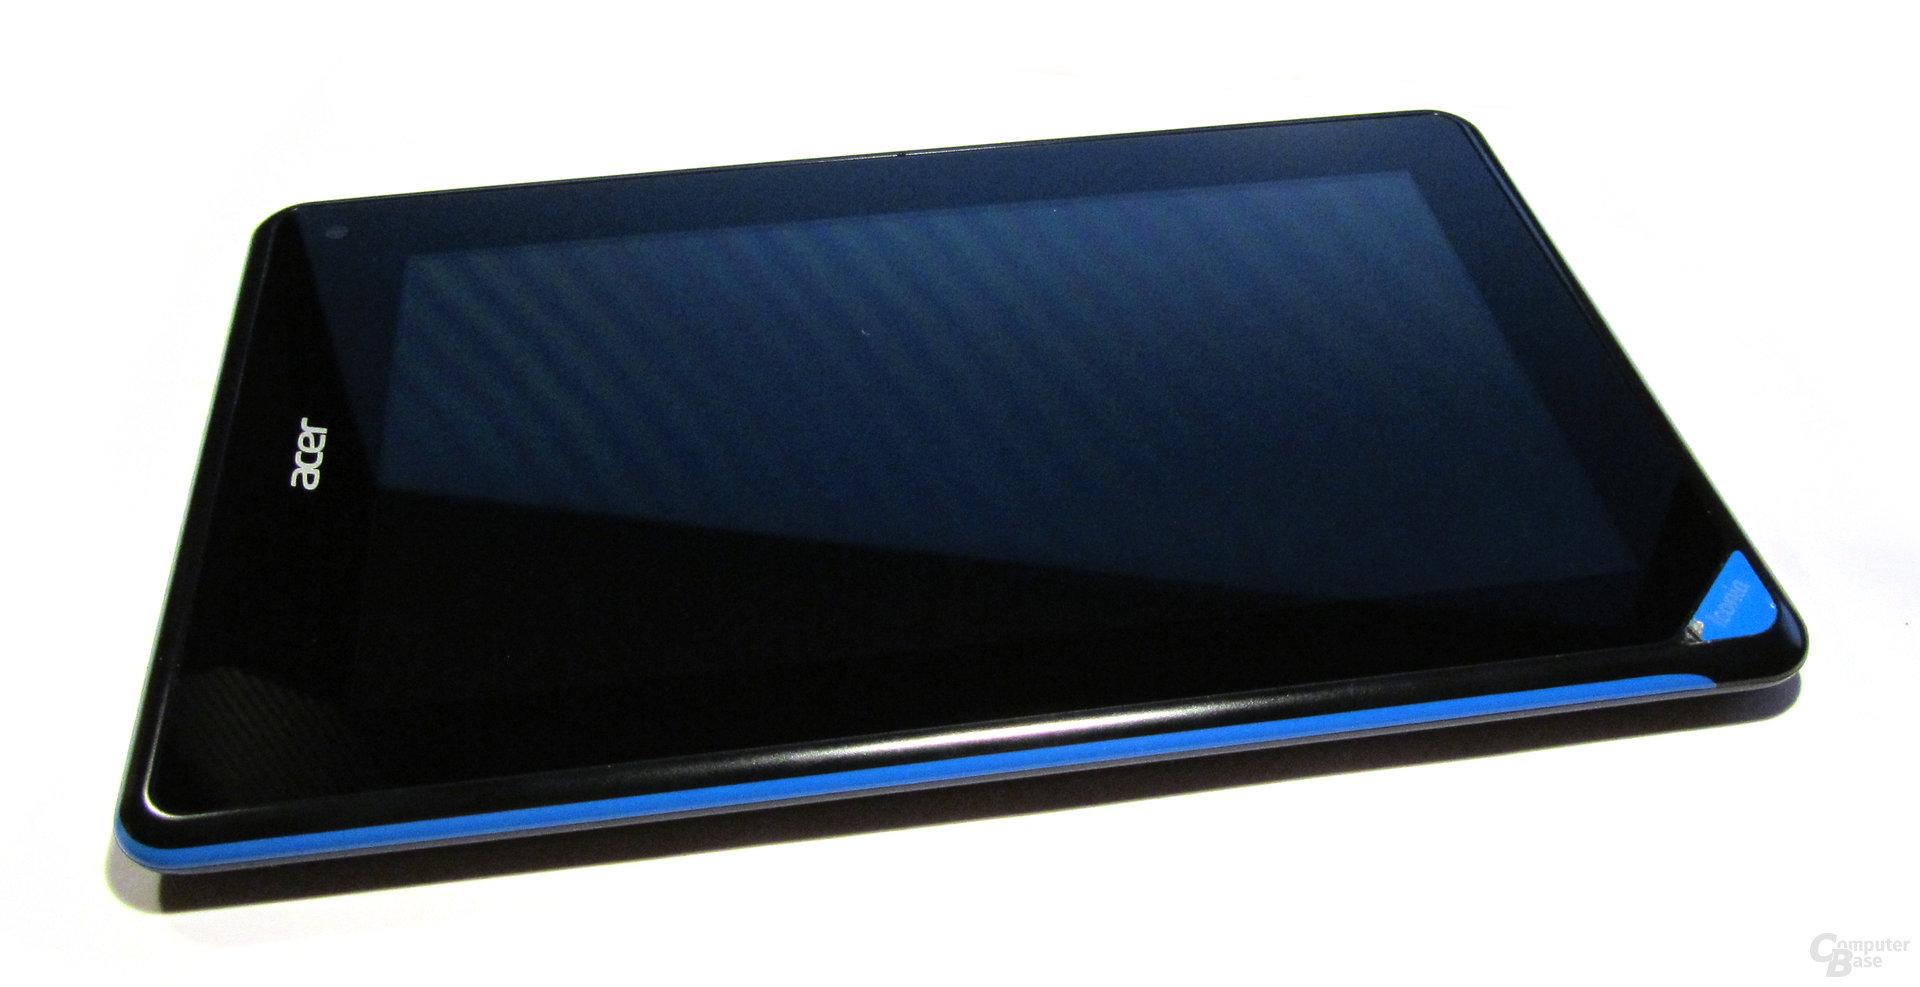 Acer Iconia Tab B1